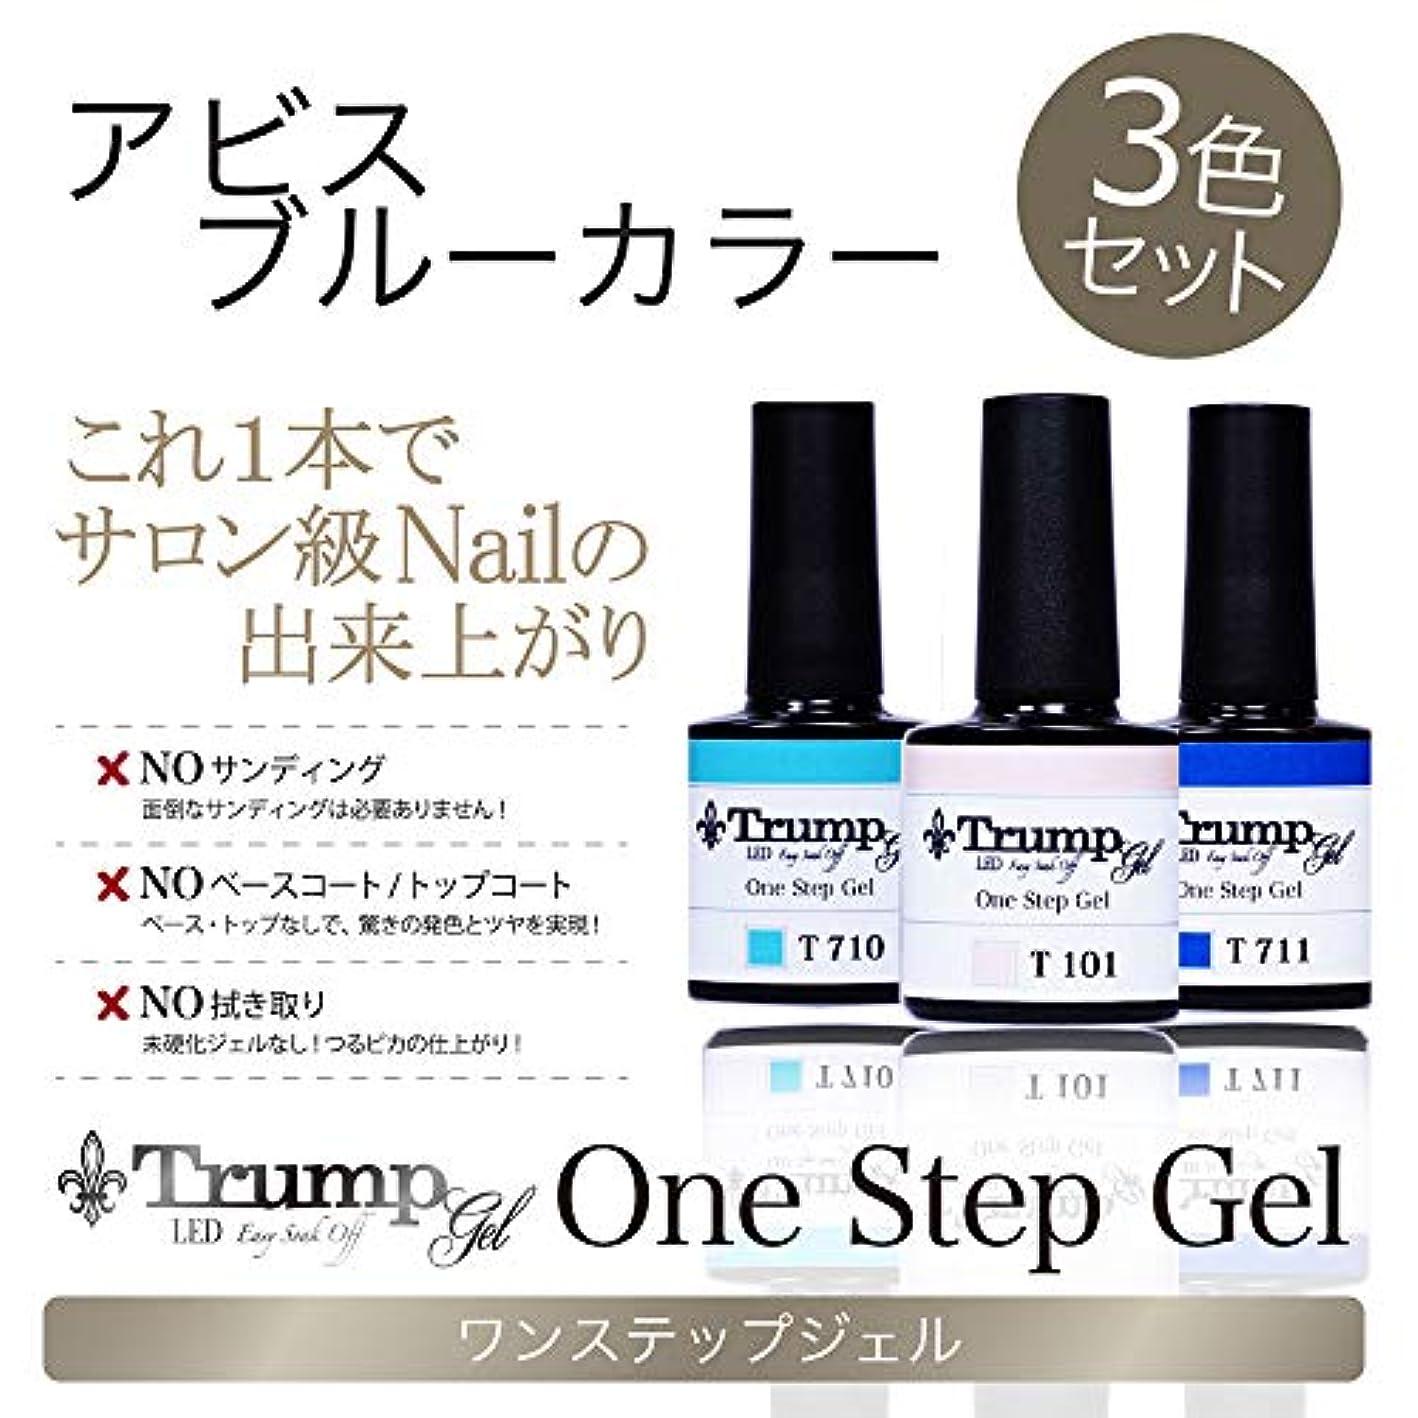 疲労冷蔵する変化する【日本製】Trump gel トランプジェル ワンステップジェル ジェルネイル カラージェル 3点 セット ペール アビス ピンキー (アビスカラーセット)